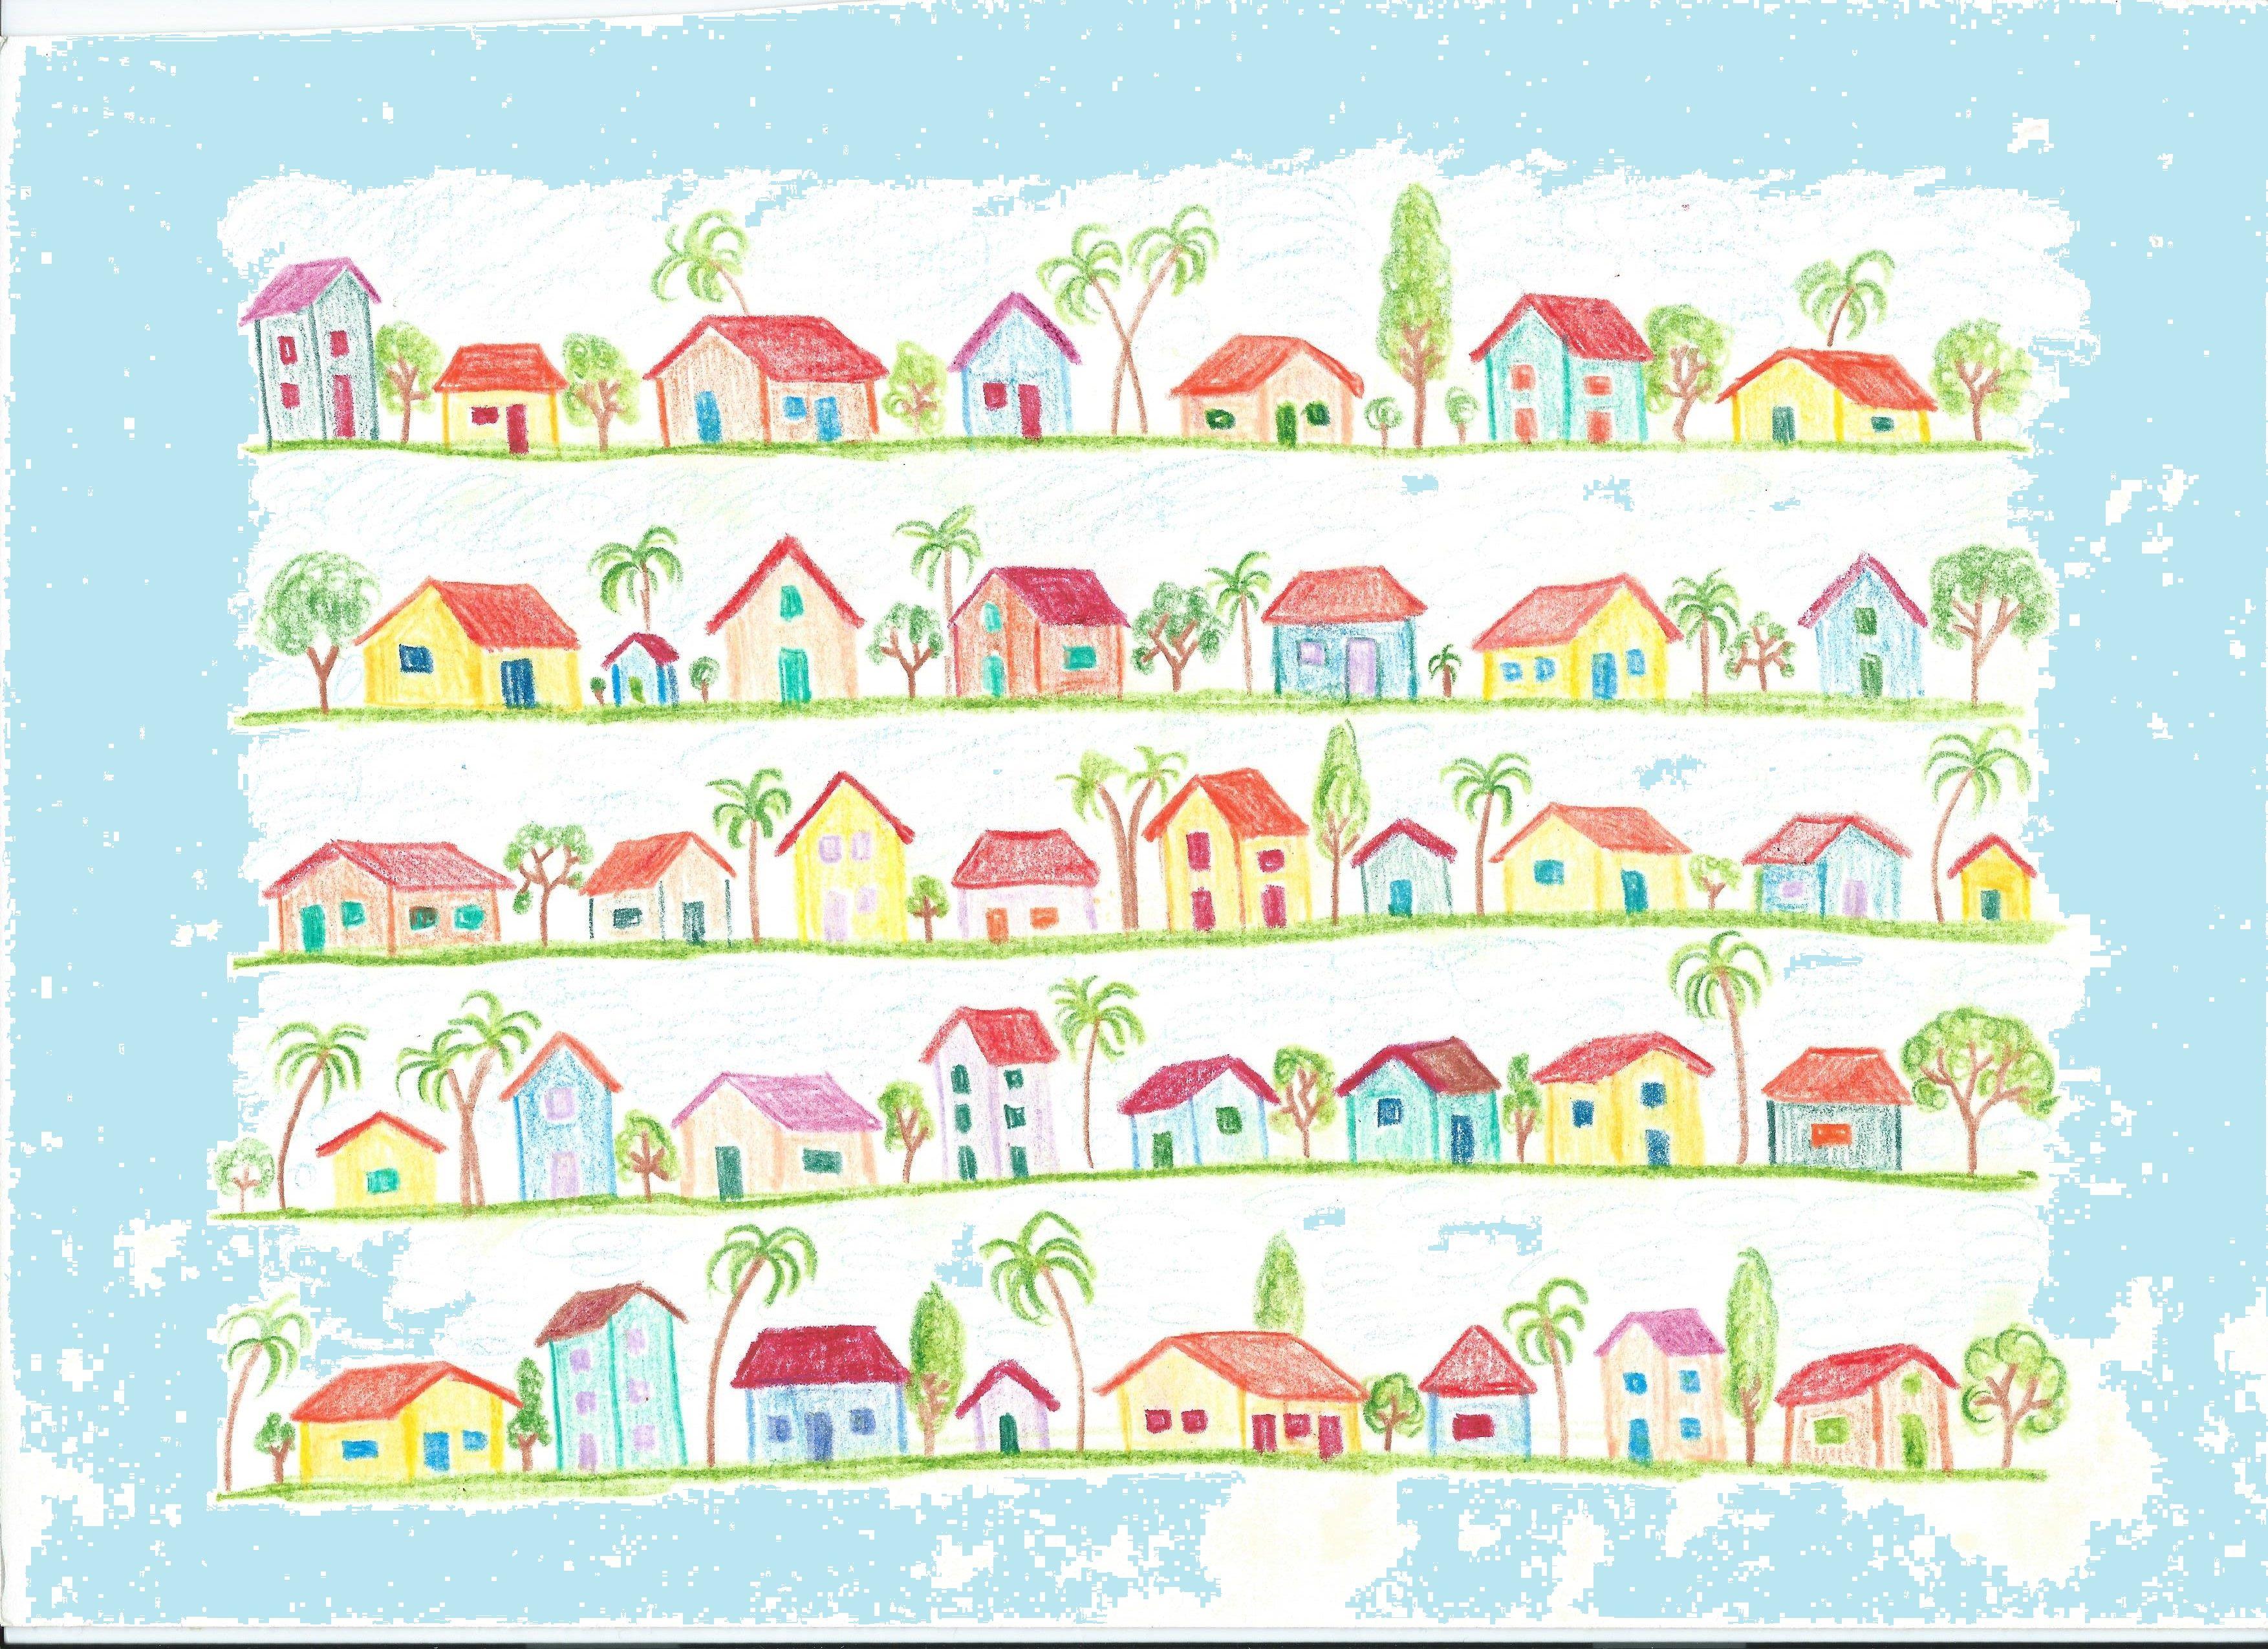 quadro - lápis de cor sobre papel